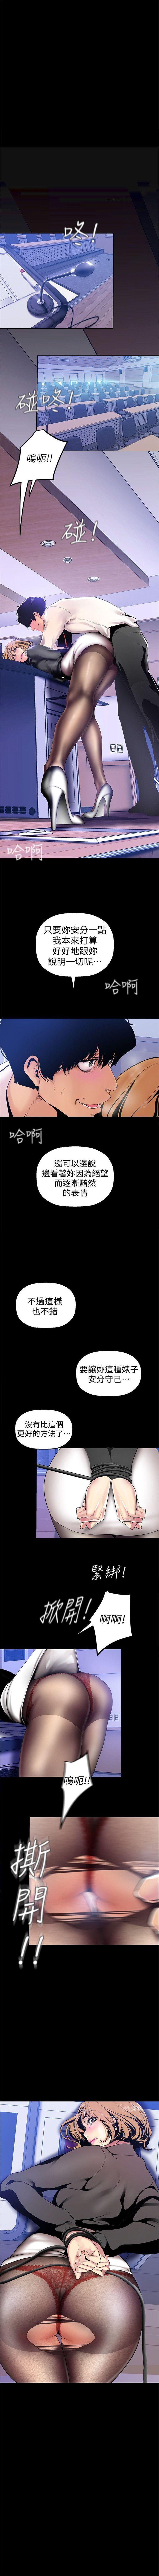 (周6)美丽新世界 1-61 中文翻译 (更新中) 288